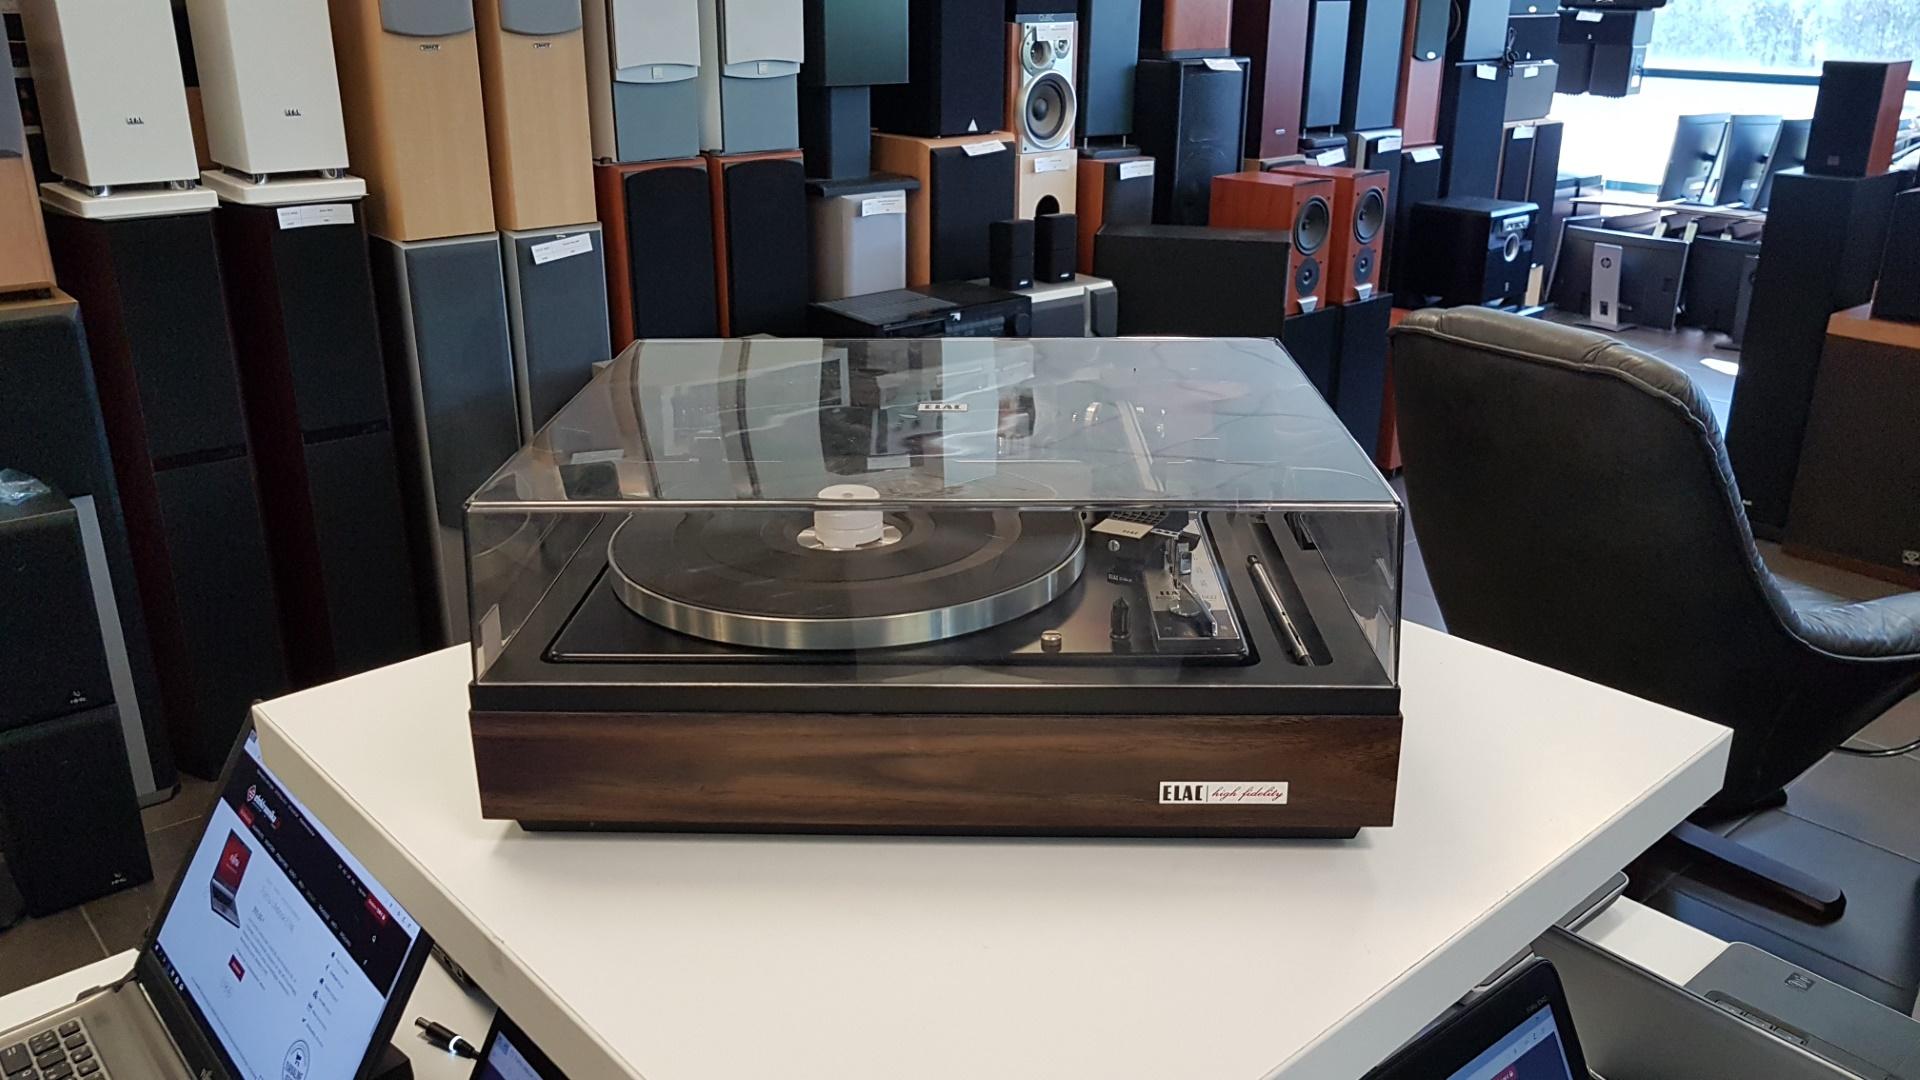 5110bc0e5d5 ELAC Miracord PC 660 vinüülplaadimängija - Elektroonika24